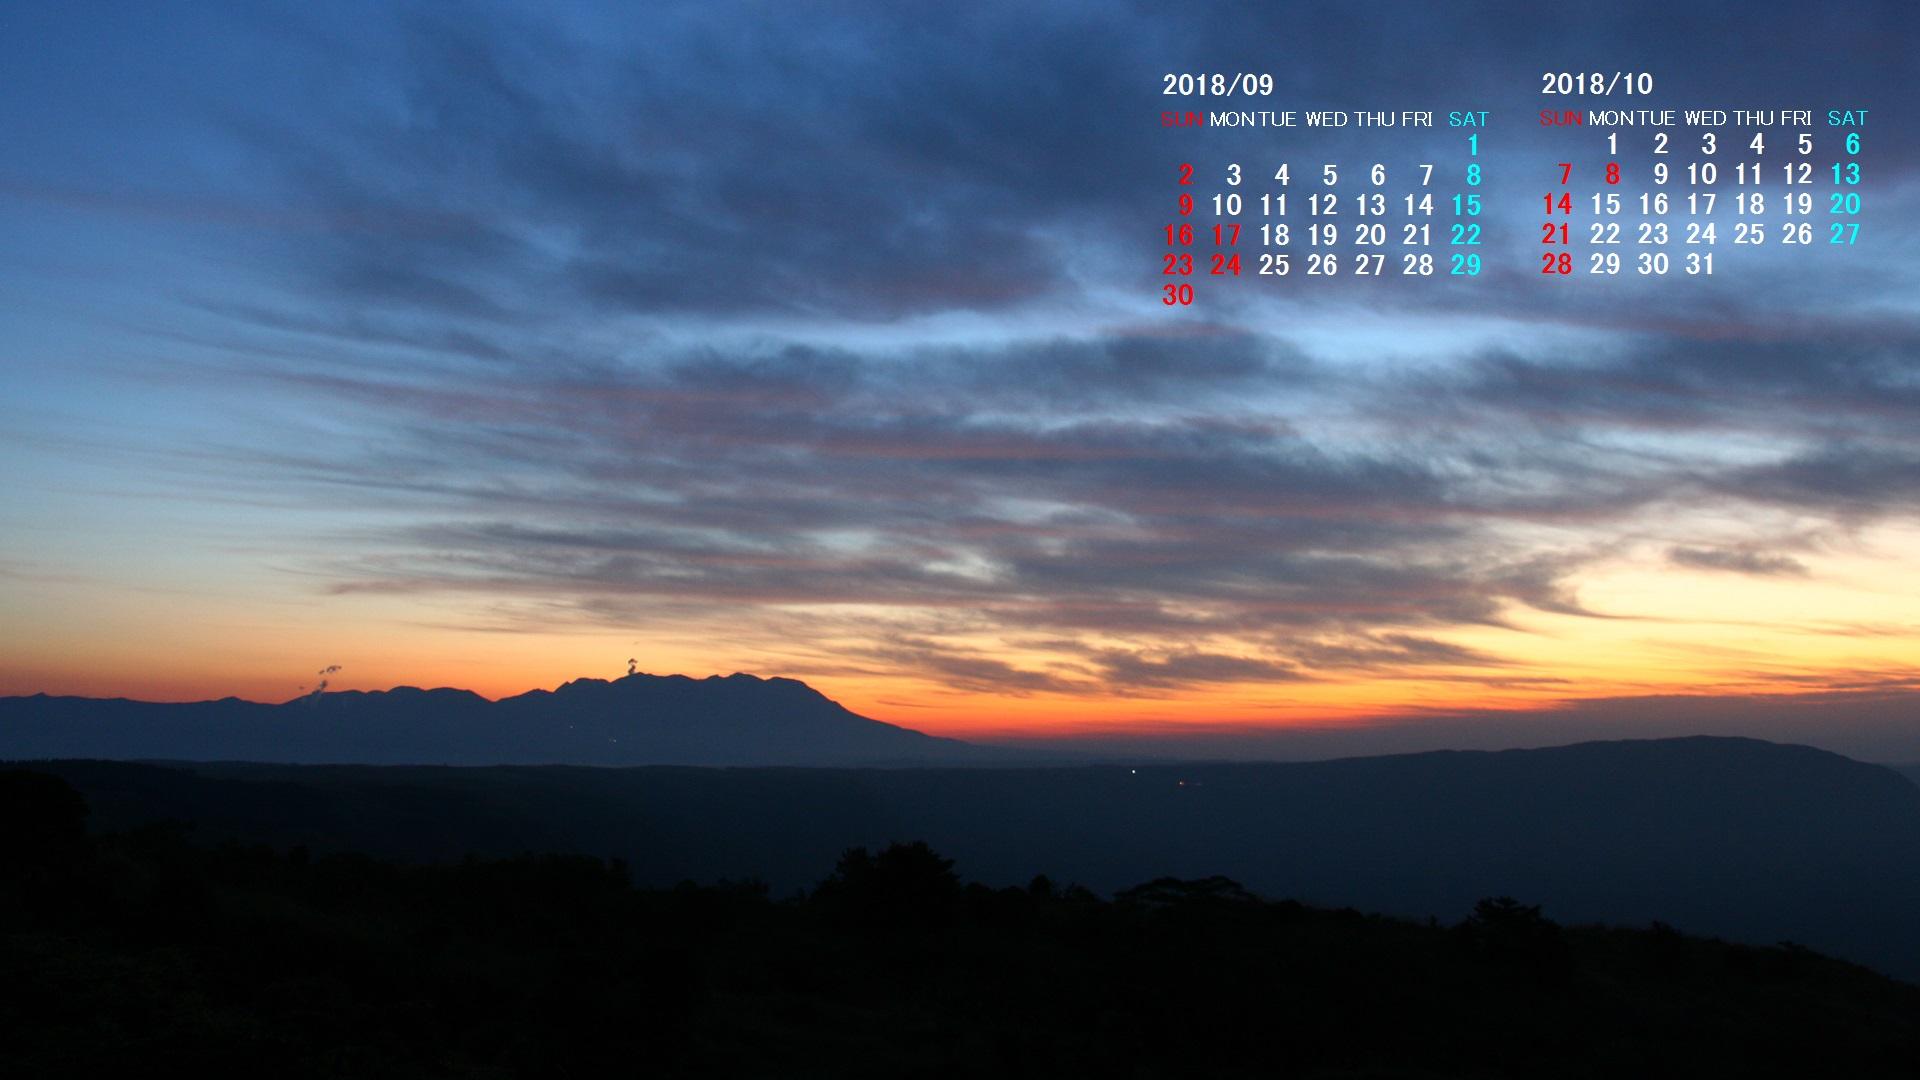 18年9月カレンダー壁紙 カレンダー壁紙館 昴 無料ワイド